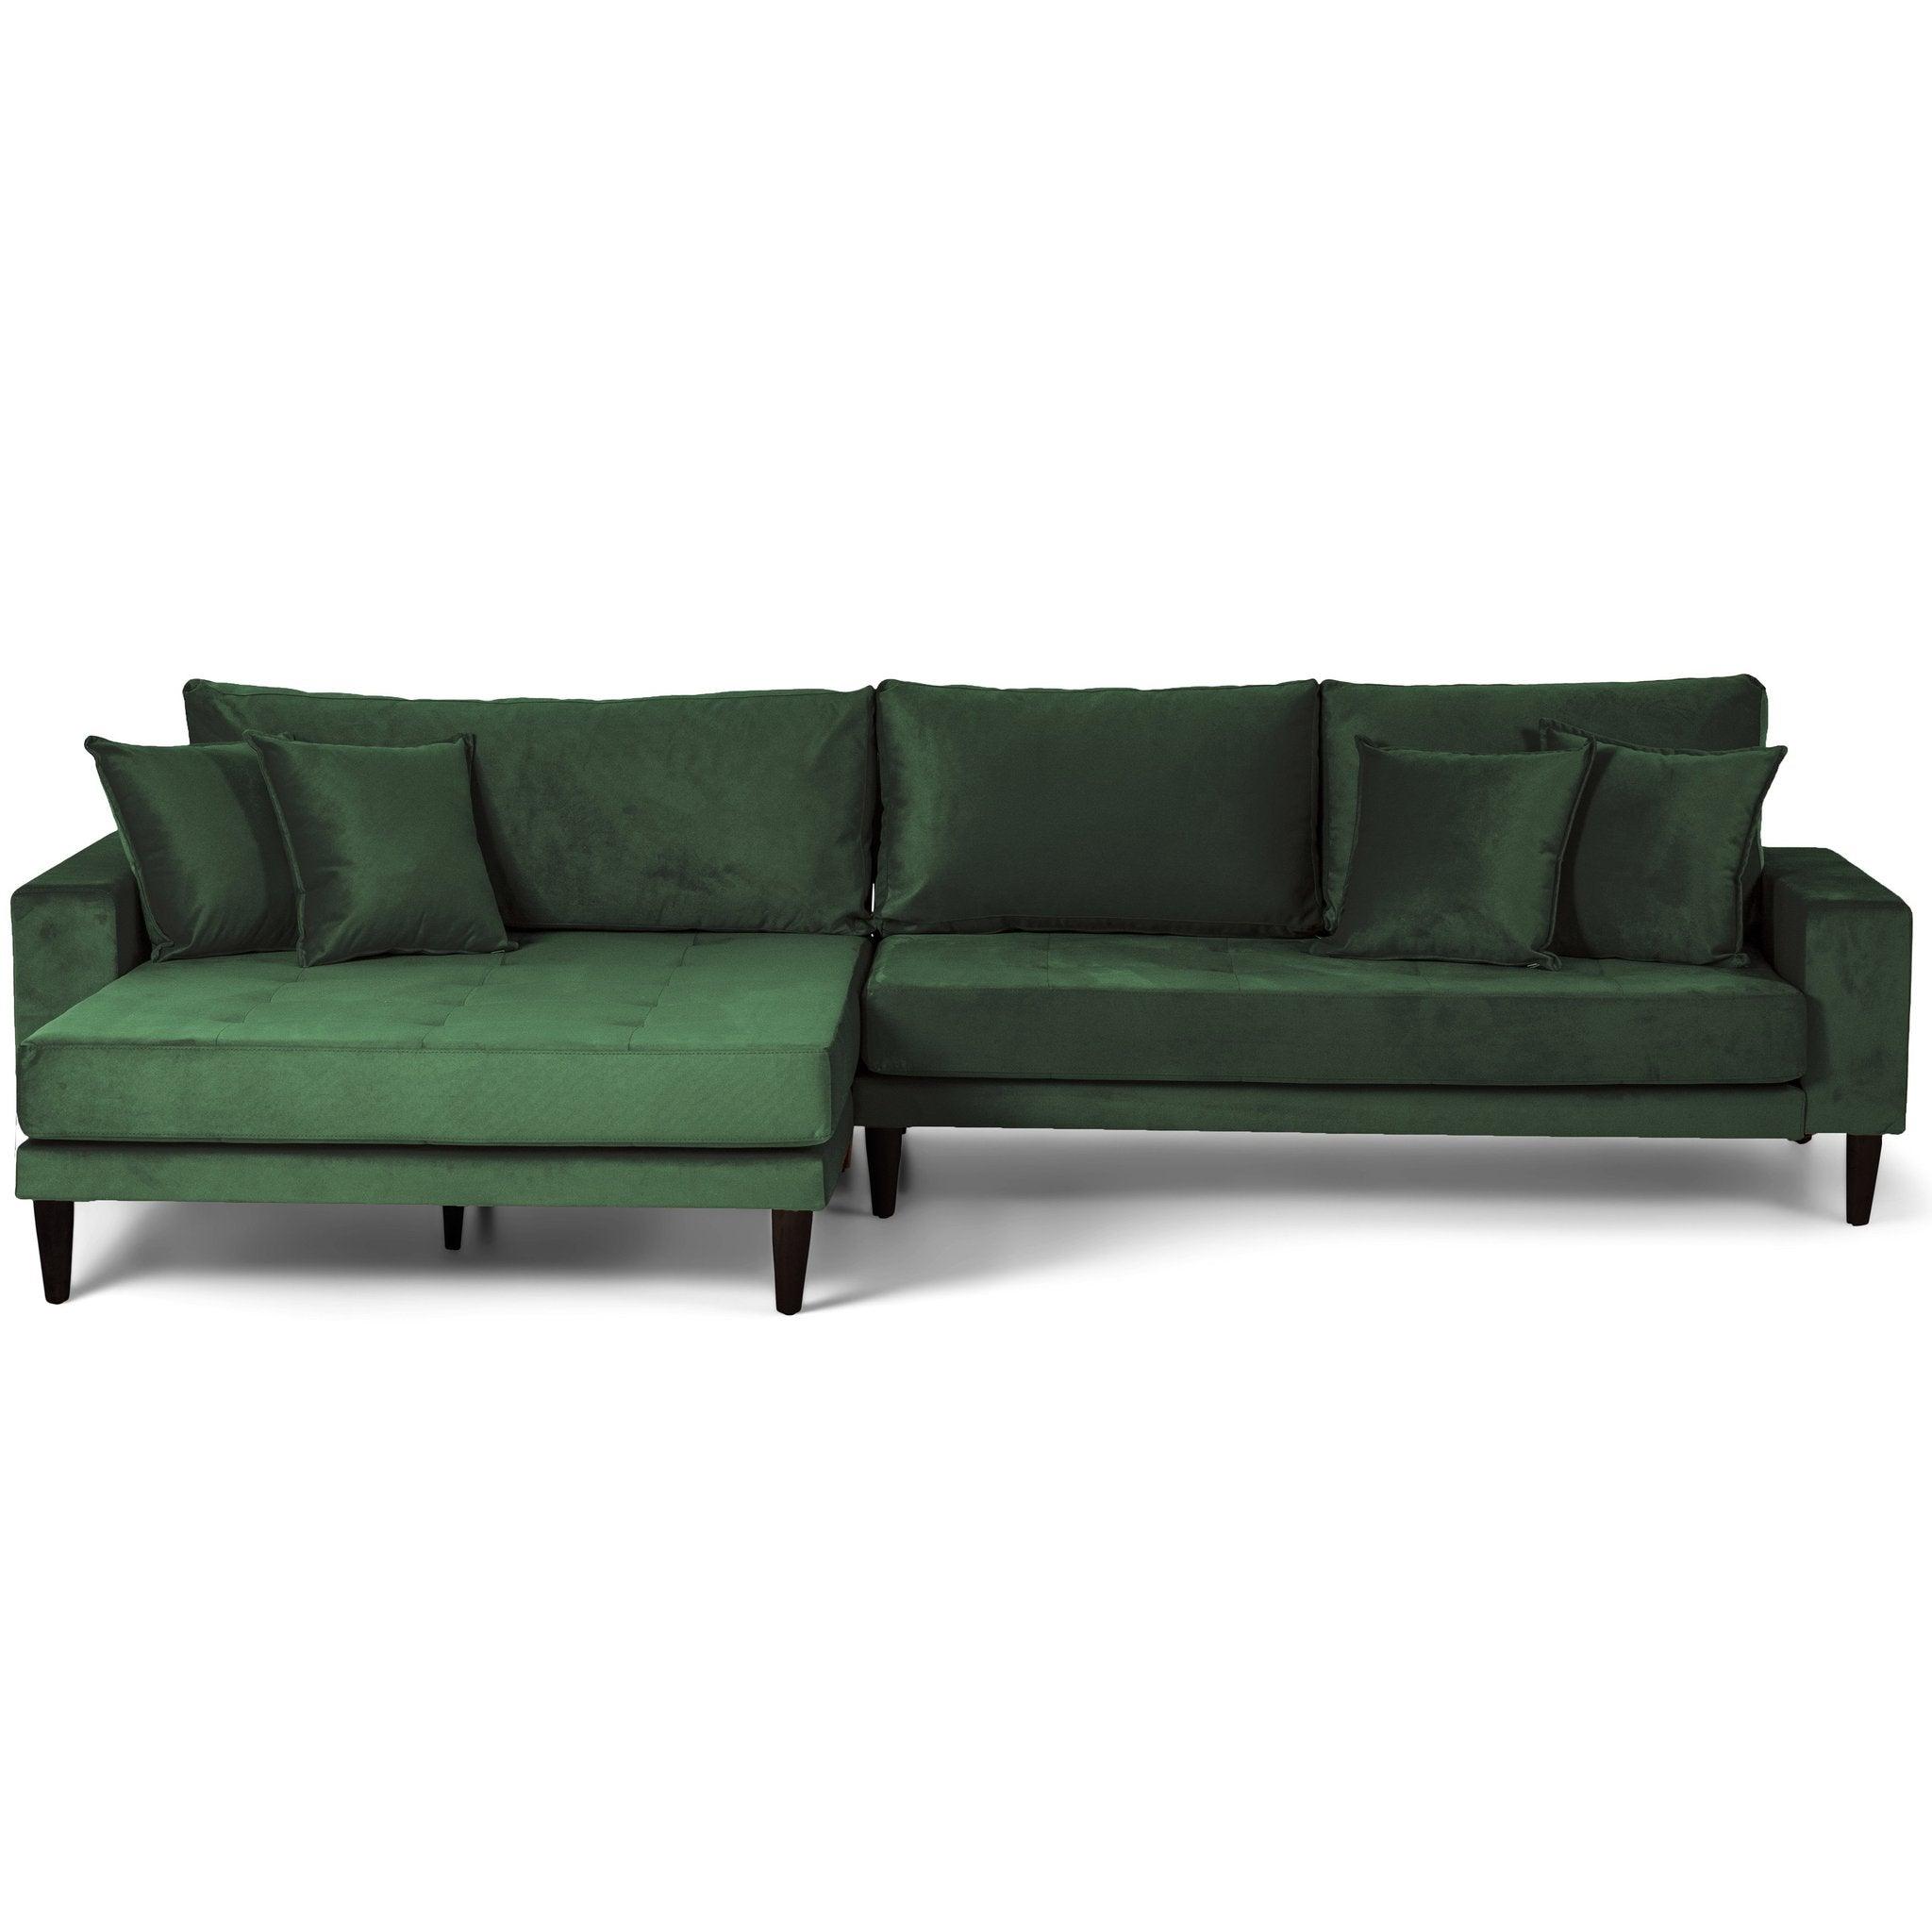 Nimara.dk Asta - Venstrevendt chaiselong sofa grøn velour - 290 cm